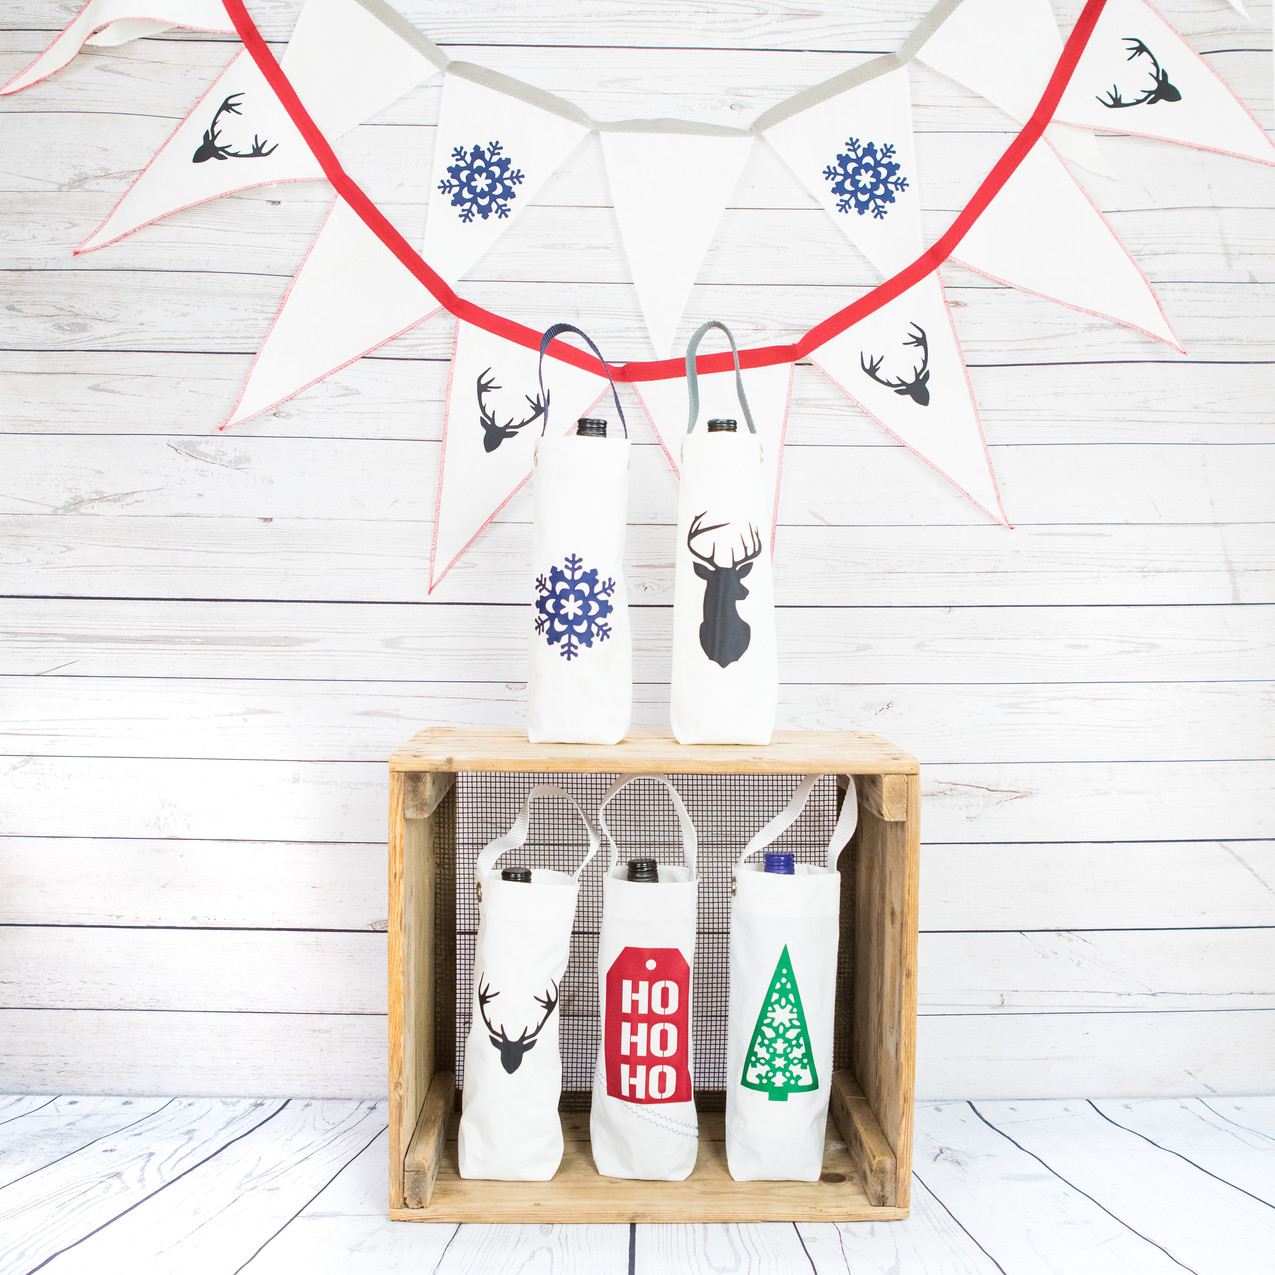 Sails & Canvas Christmas ideas